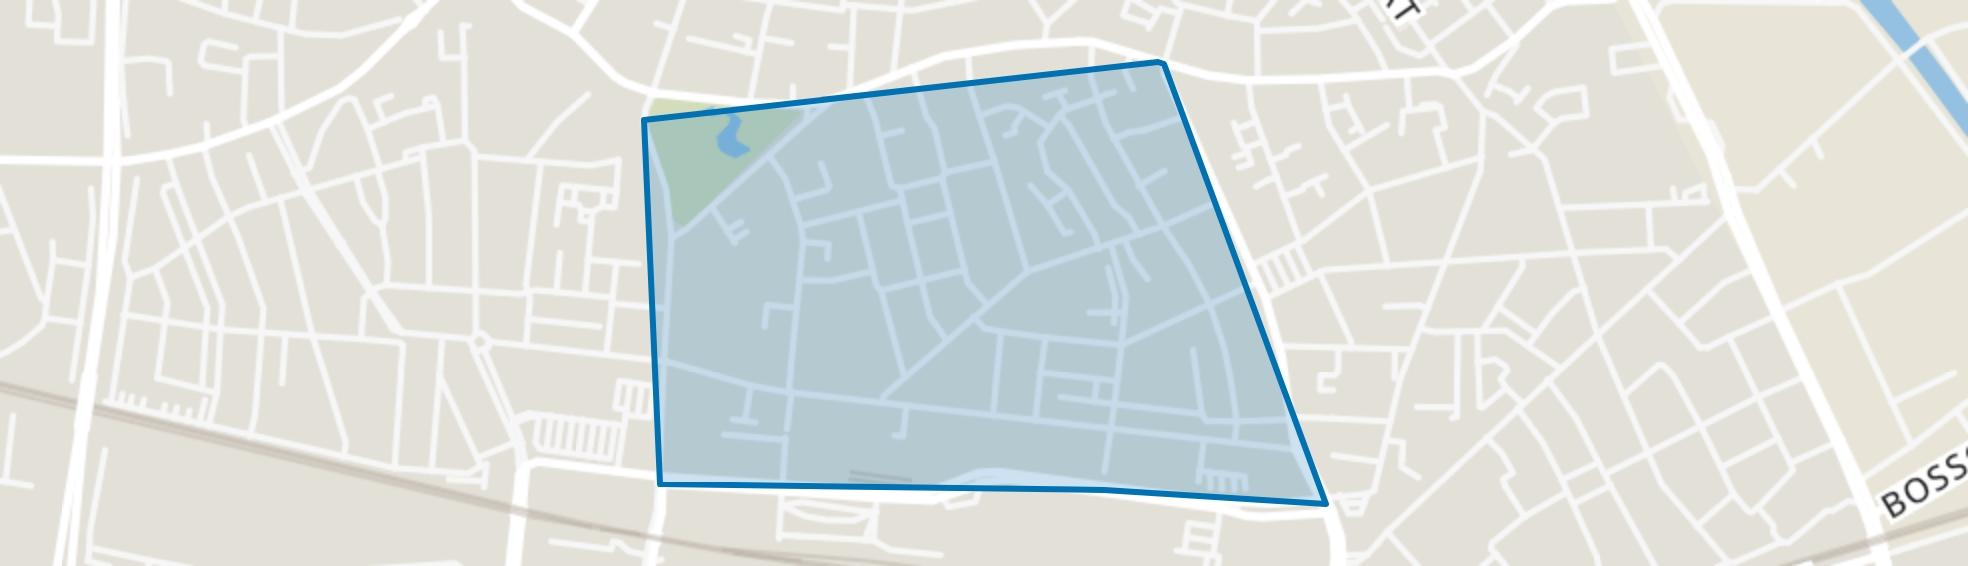 Theresia, Tilburg map